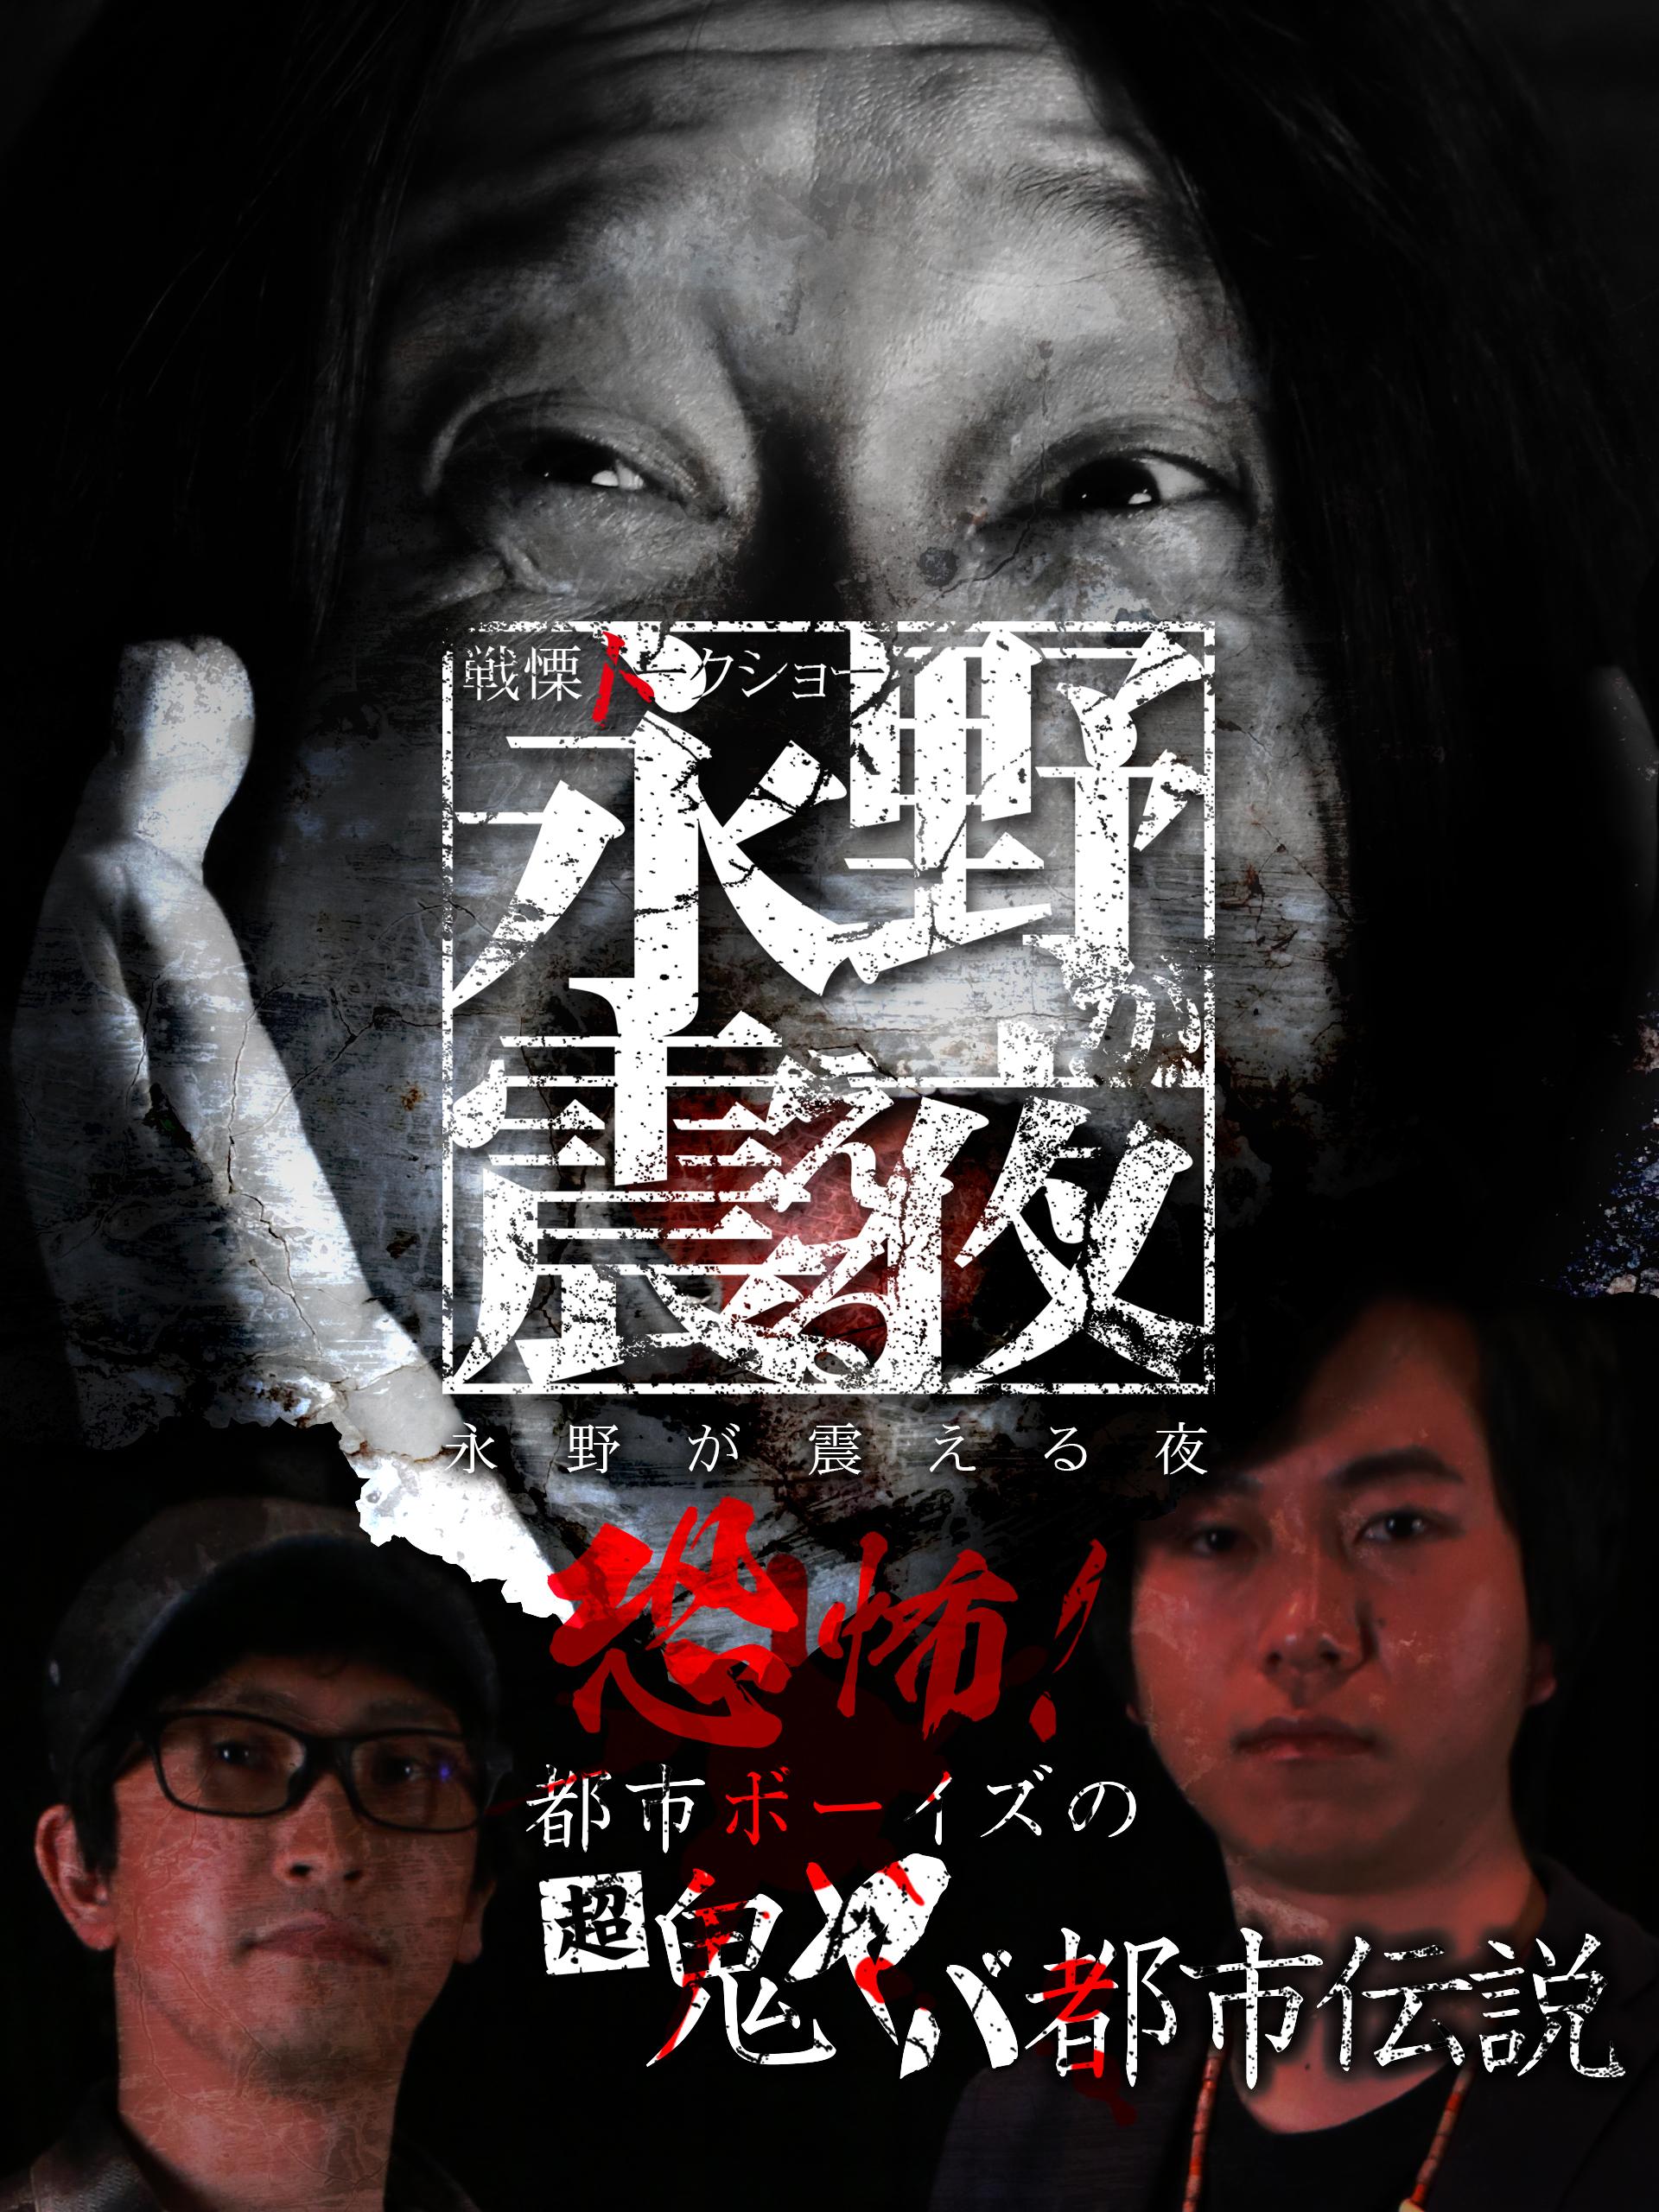 戦慄トークショー 永野が震える夜(10)~恐怖!都市ボーイズの鬼ヤバ都市伝説